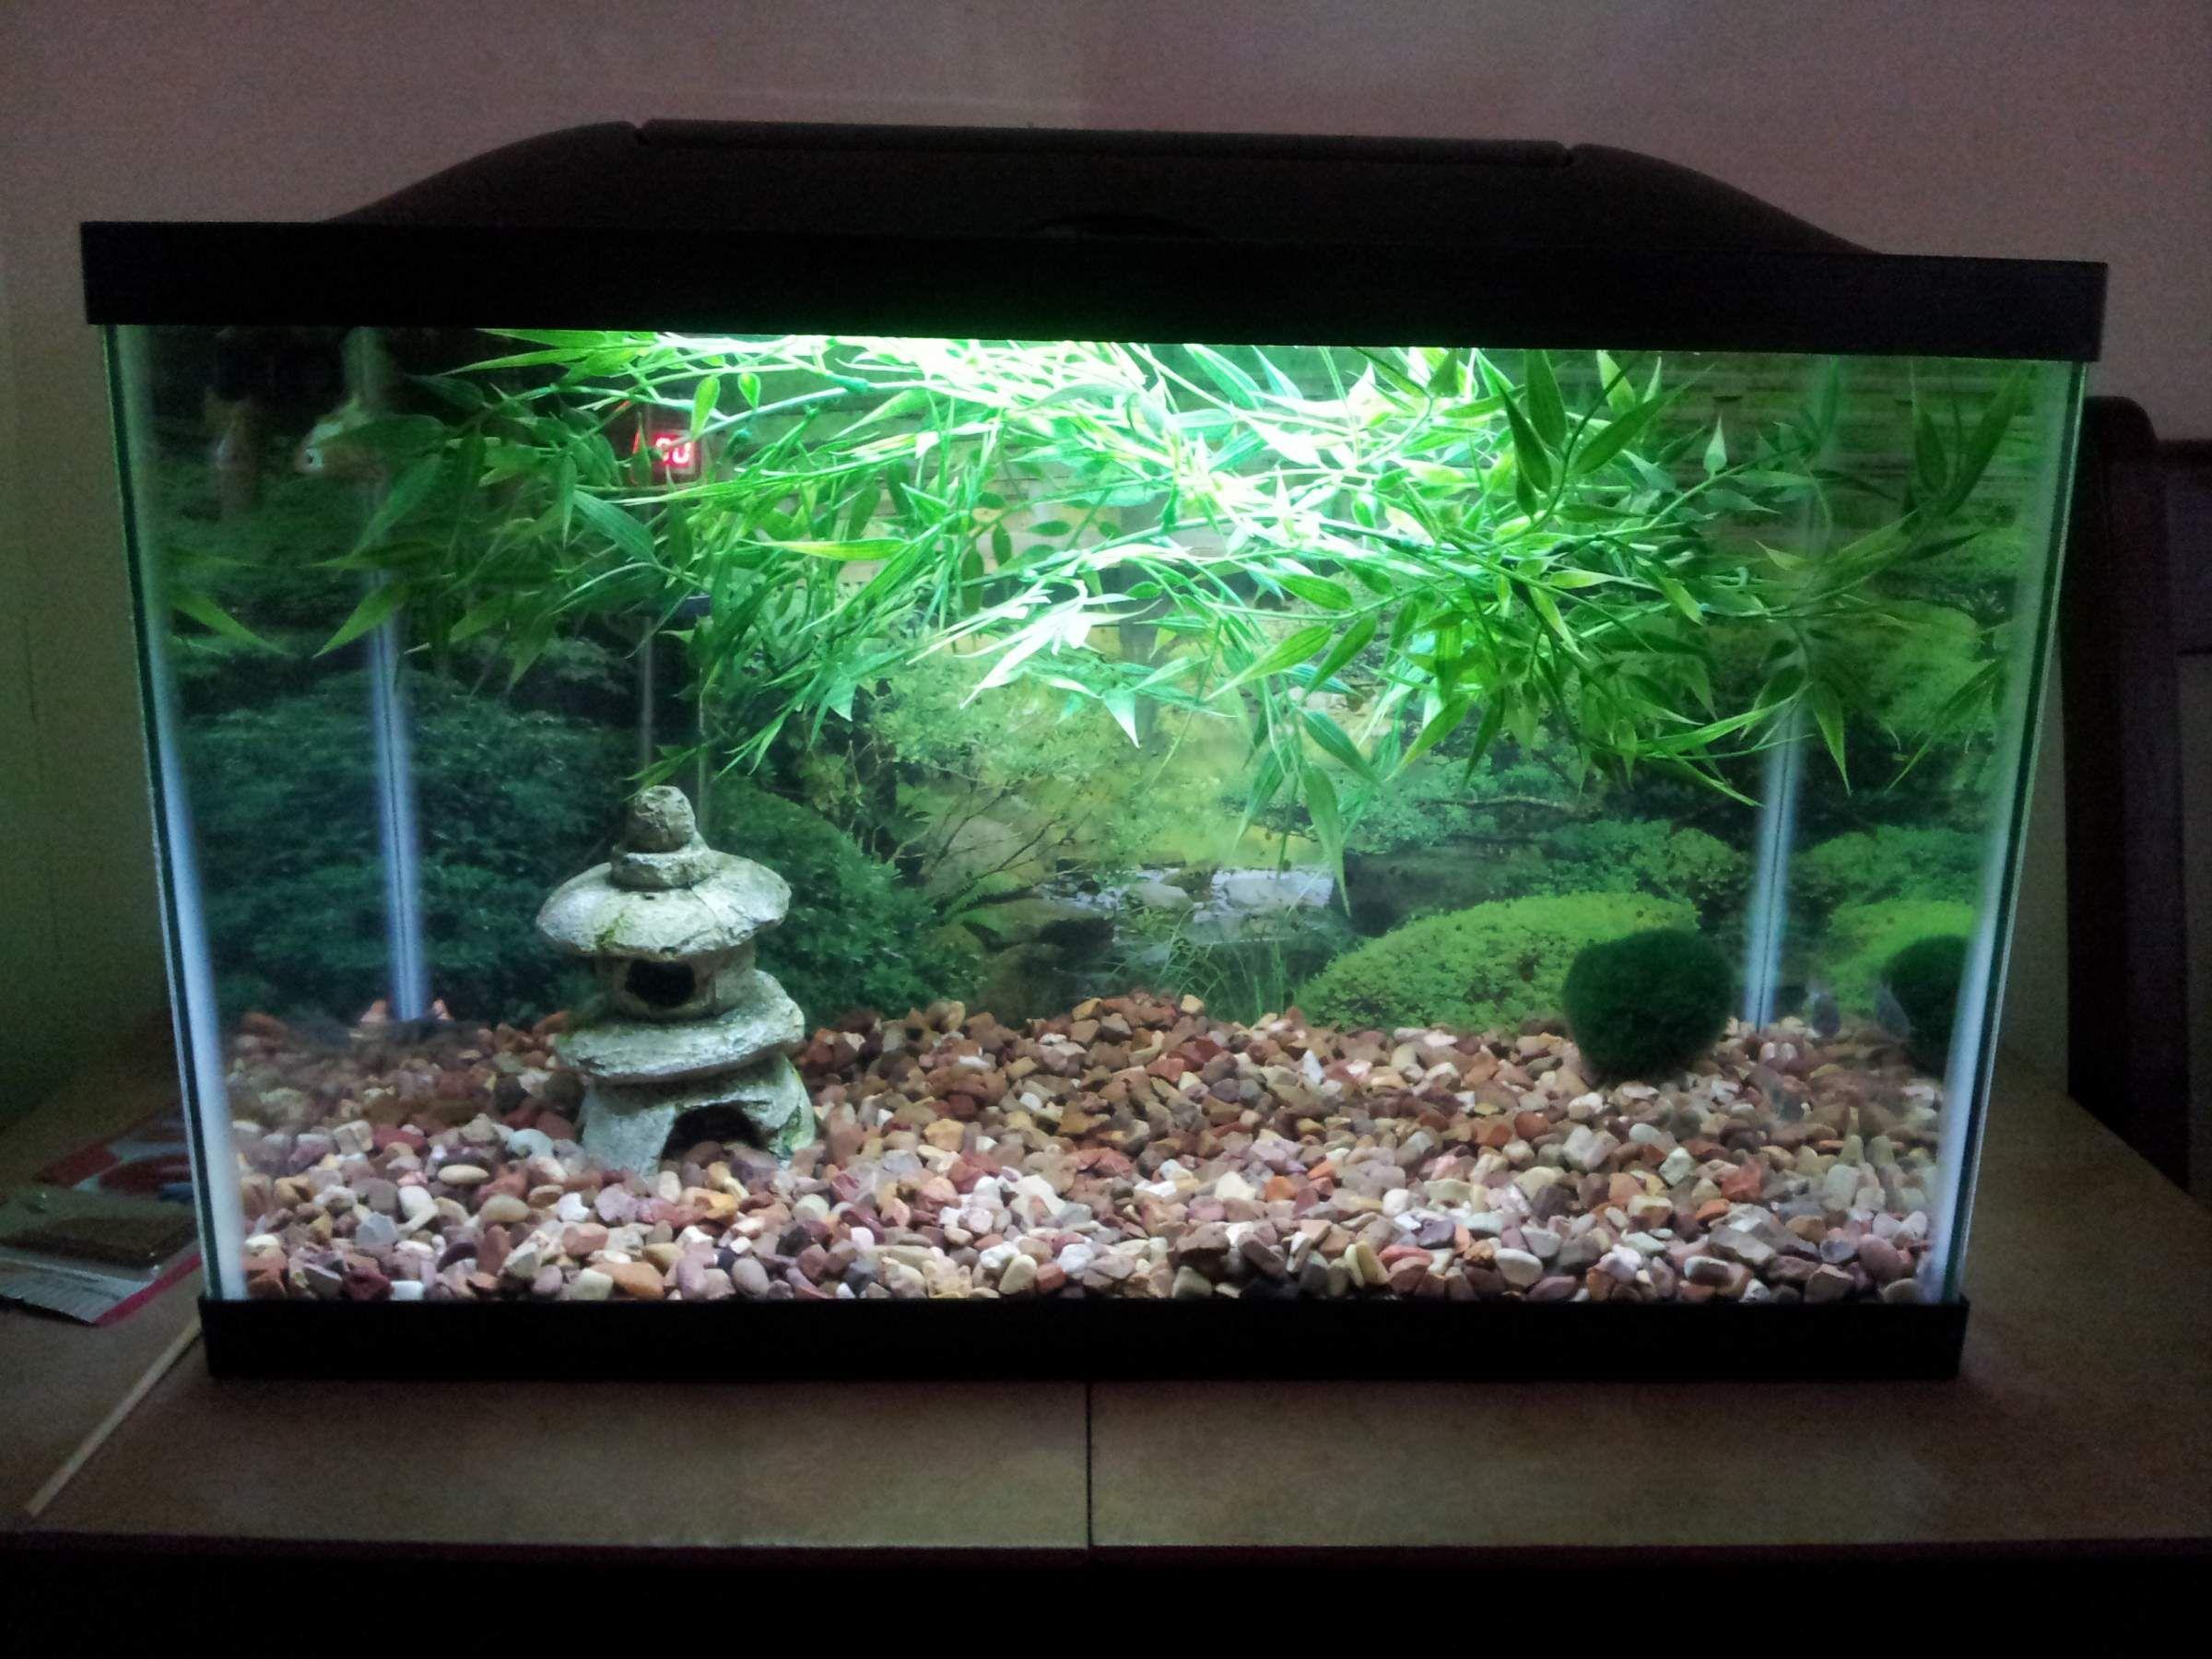 Null Planted Aquarium Cherry Blossom Tree Plants